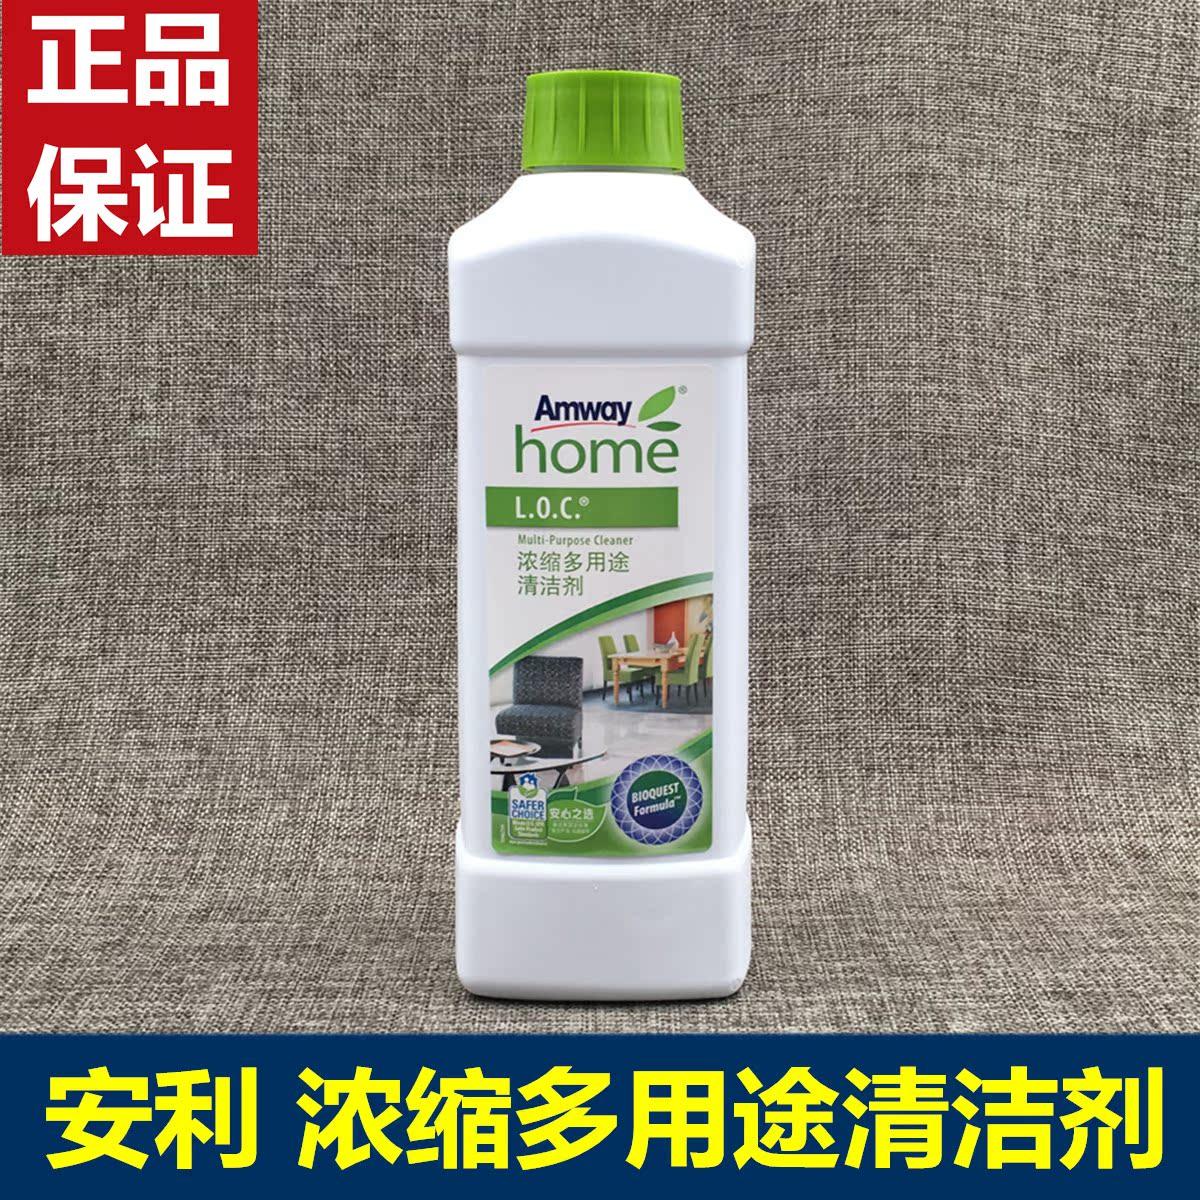 安利多用途浓缩清洁剂乐新loc浴室木地板瓷砖家具口红鞋油清洗液